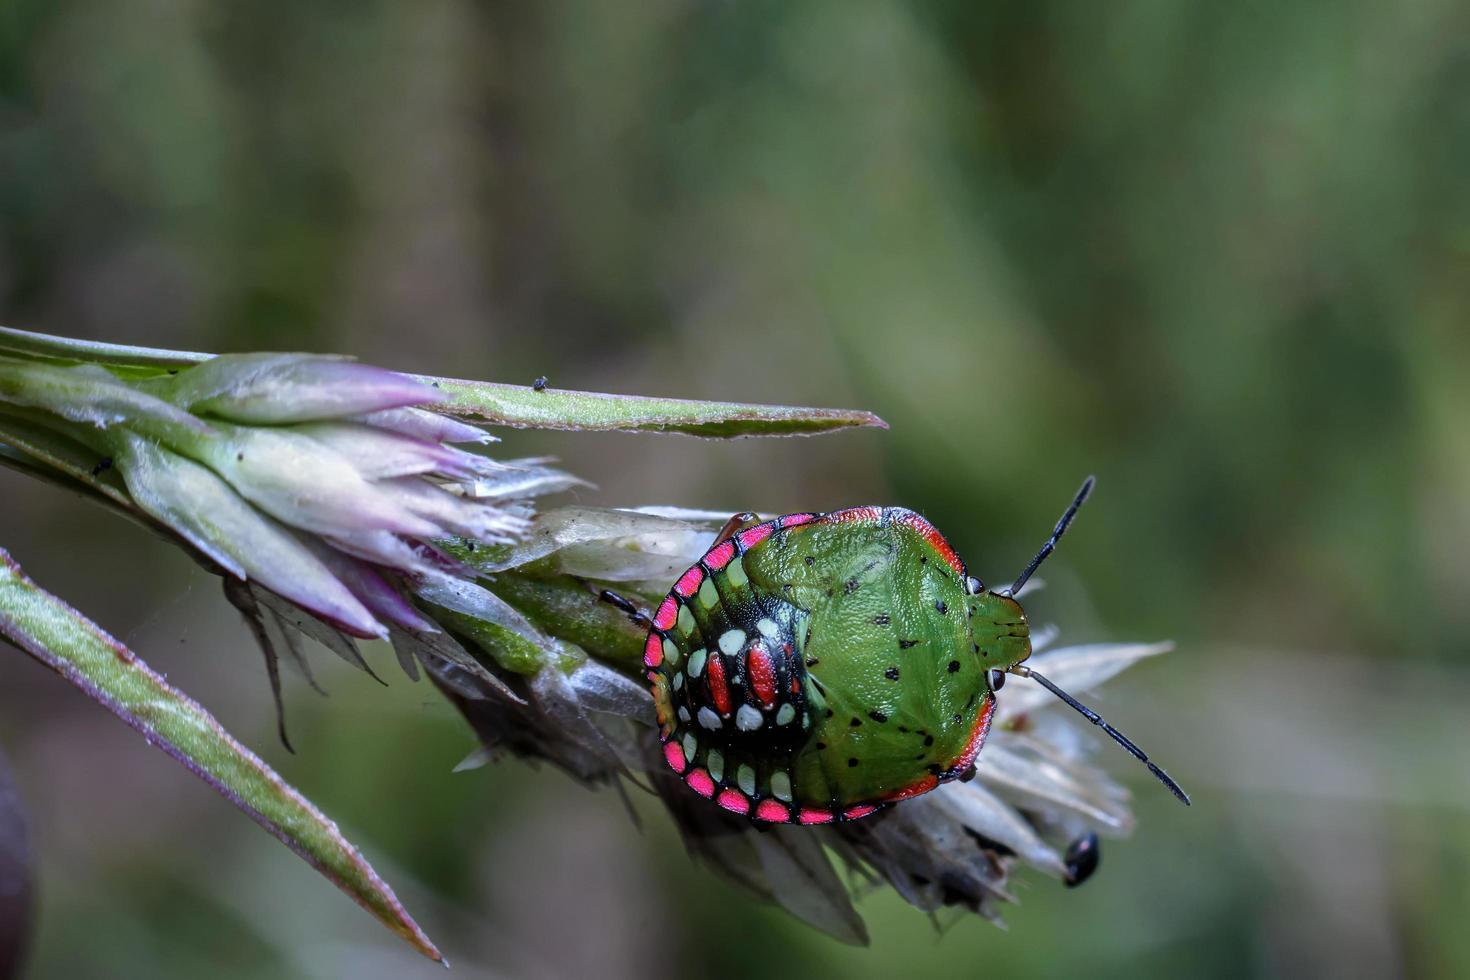 mariquitas, pequeños insectos con colores llamativos y que pueden volar foto